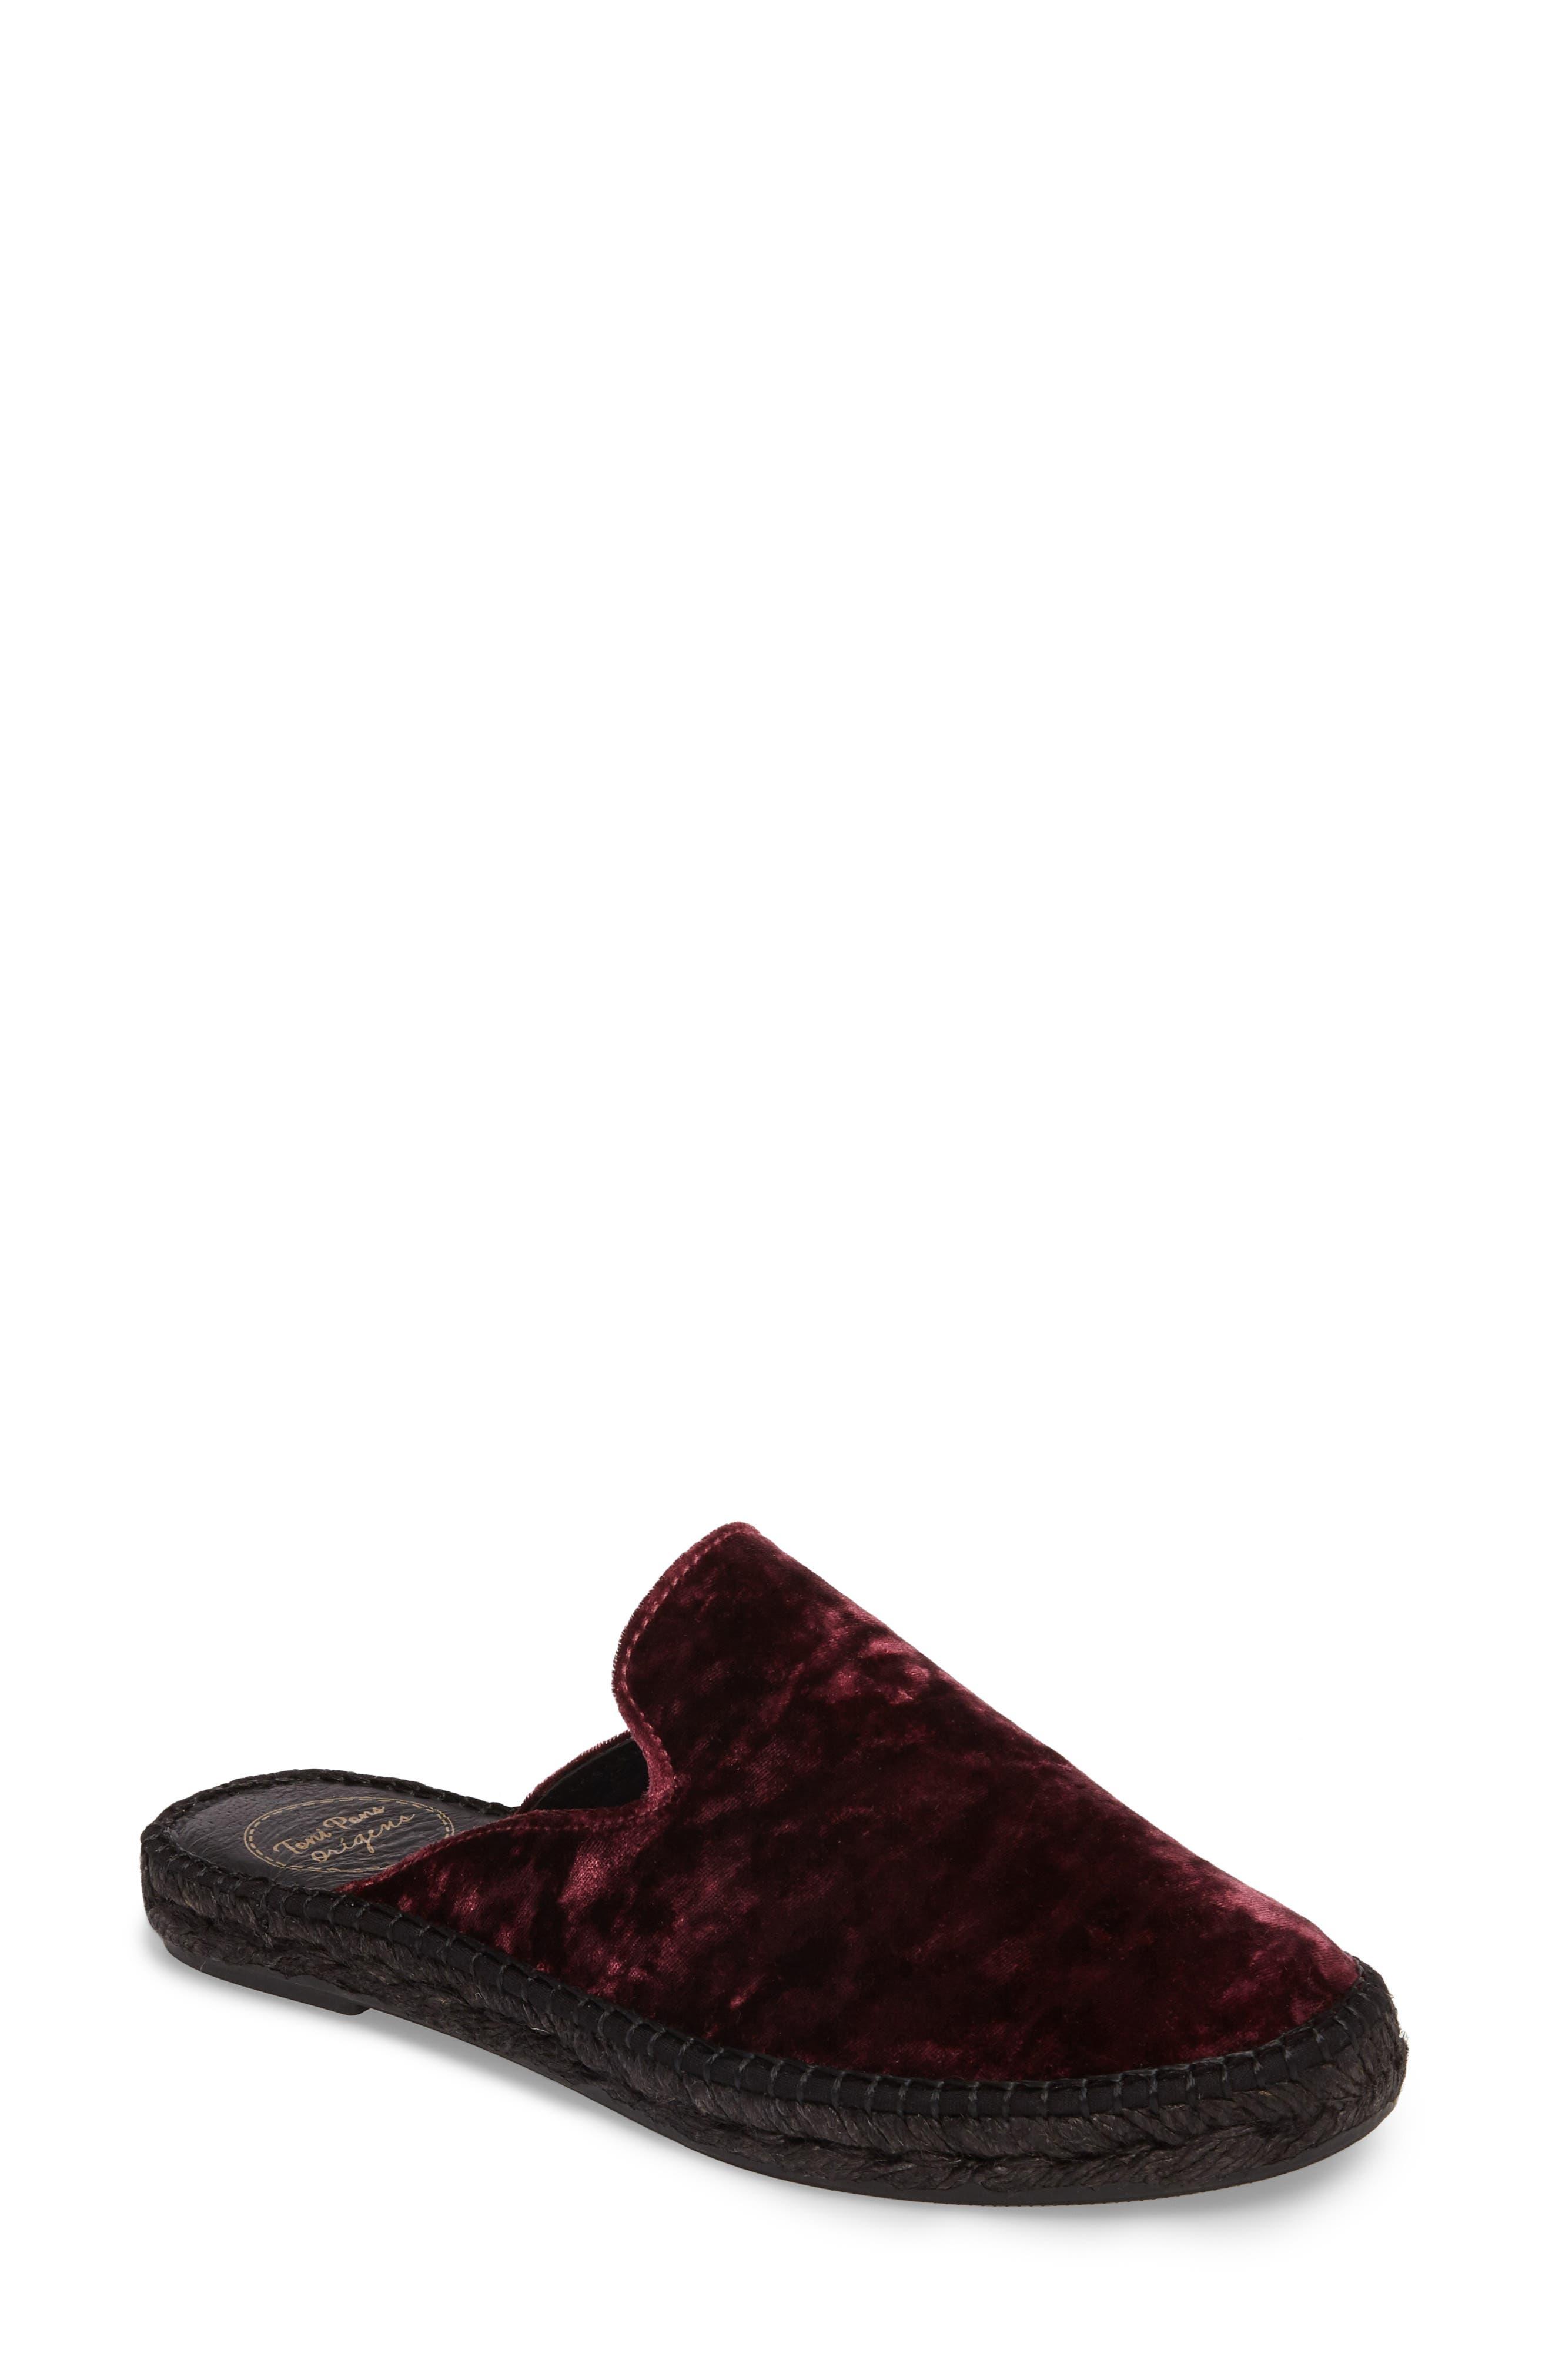 Malmo Espadrille Slipper Mule,                         Main,                         color, Burgundy Velvet